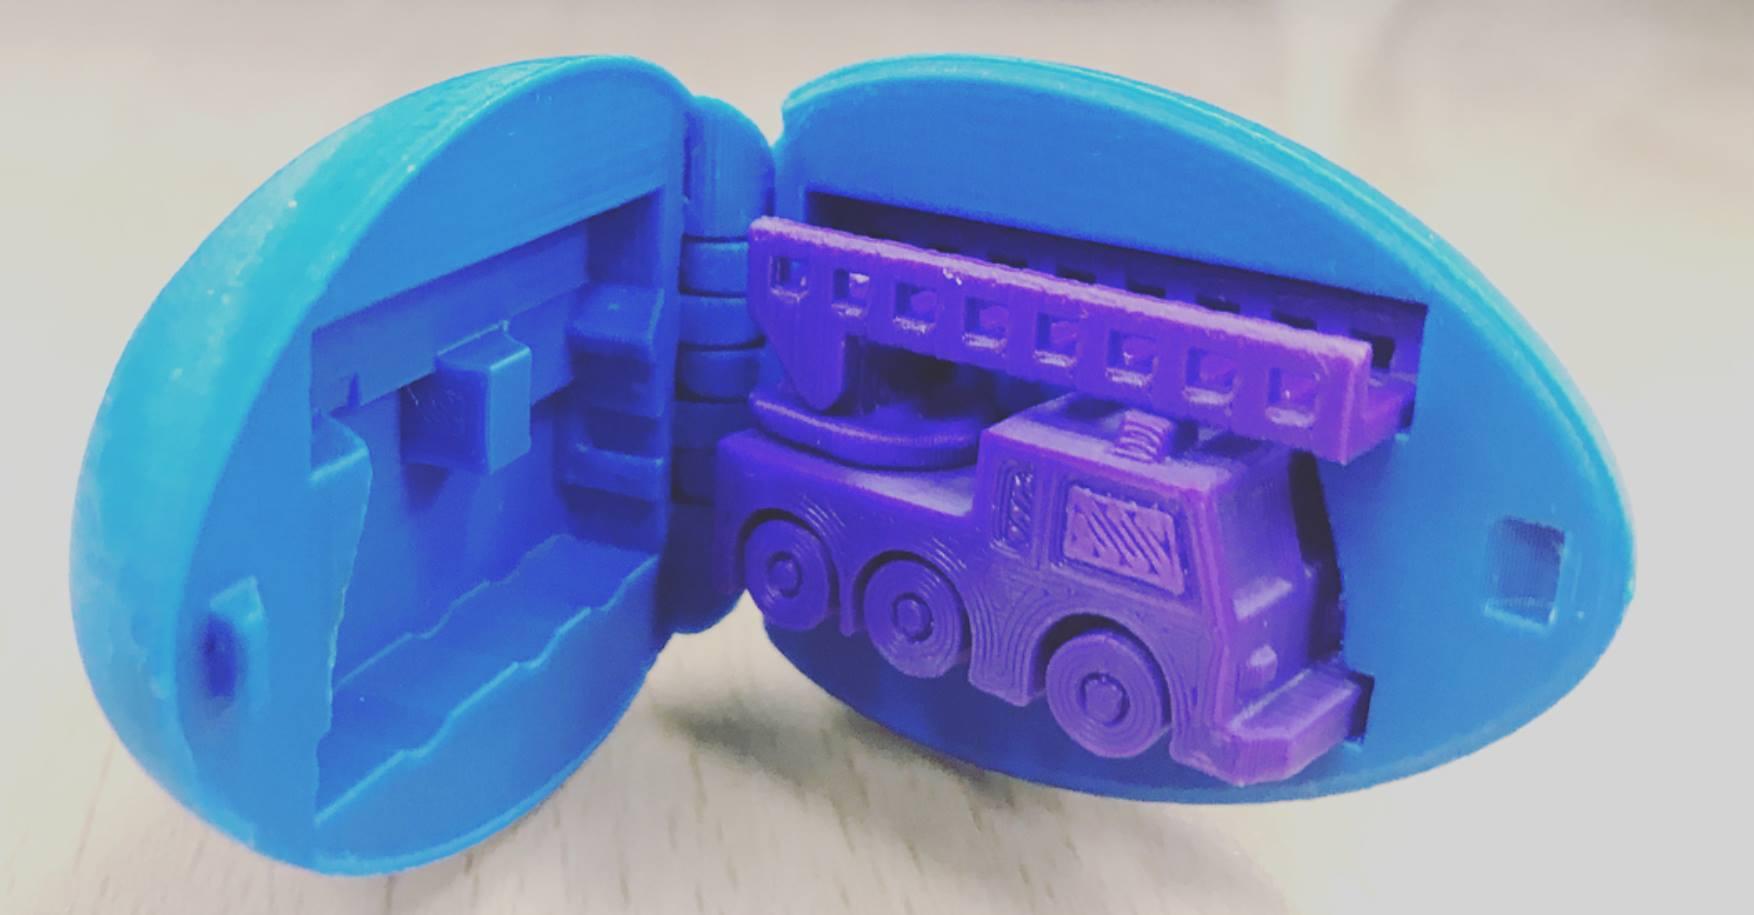 Máy in 3D là thiết bị hỗ trợ cho việc sáng tạo hữu ích. Mọi ý tưởng đơn thần trong suy nghĩ, trên bản vẽ đều có thể tạo thành sản phẩm nếu như có máy in 3d